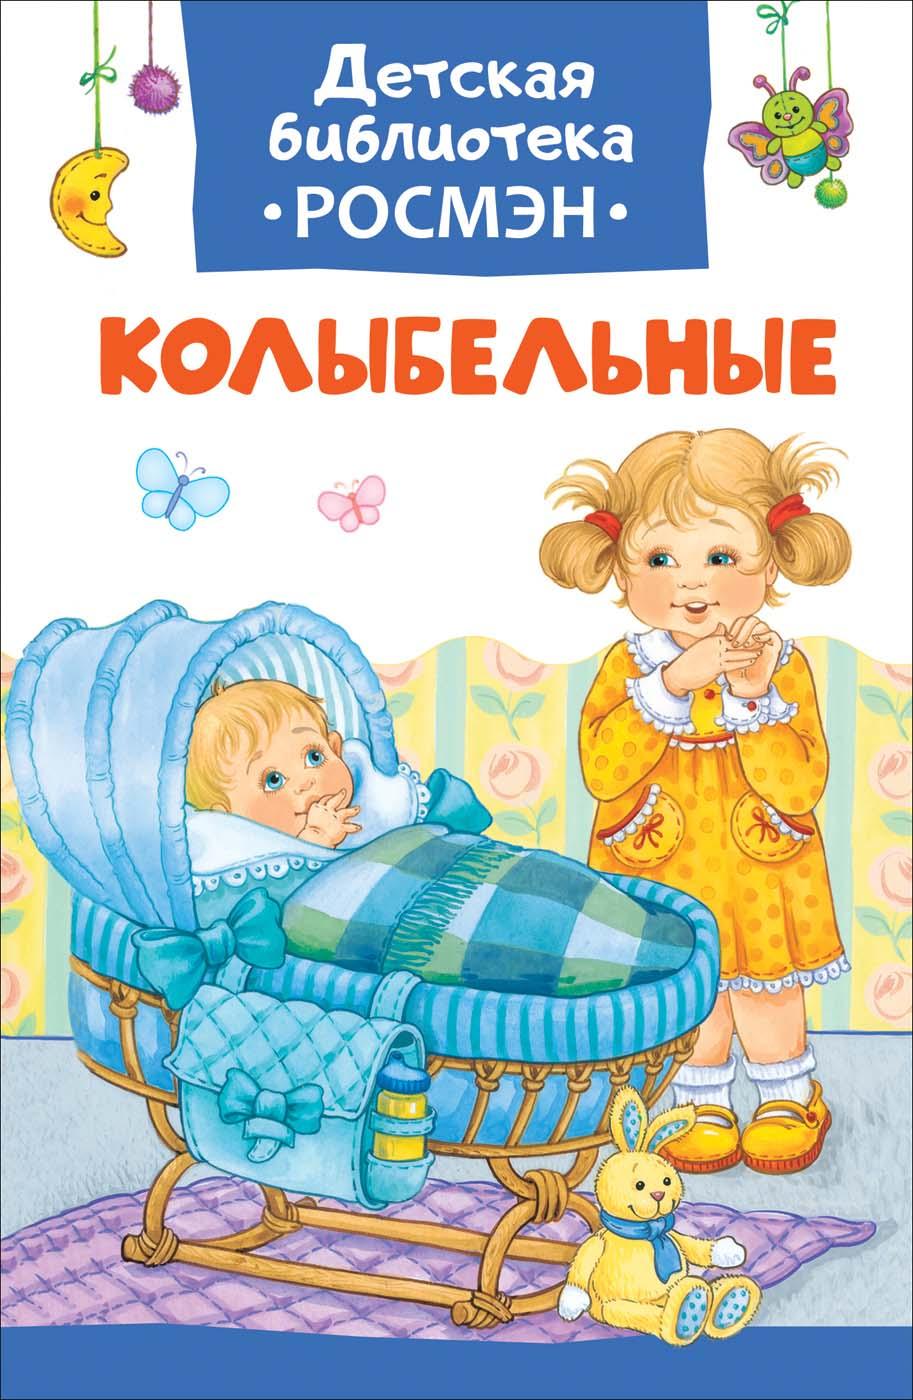 Книга из серии Детская библиотека Росмэн - КолыбельныеСерия Детская библиотека РОСМЭН (с 3 лет)<br>Книга из серии Детская библиотека Росмэн - Колыбельные<br>